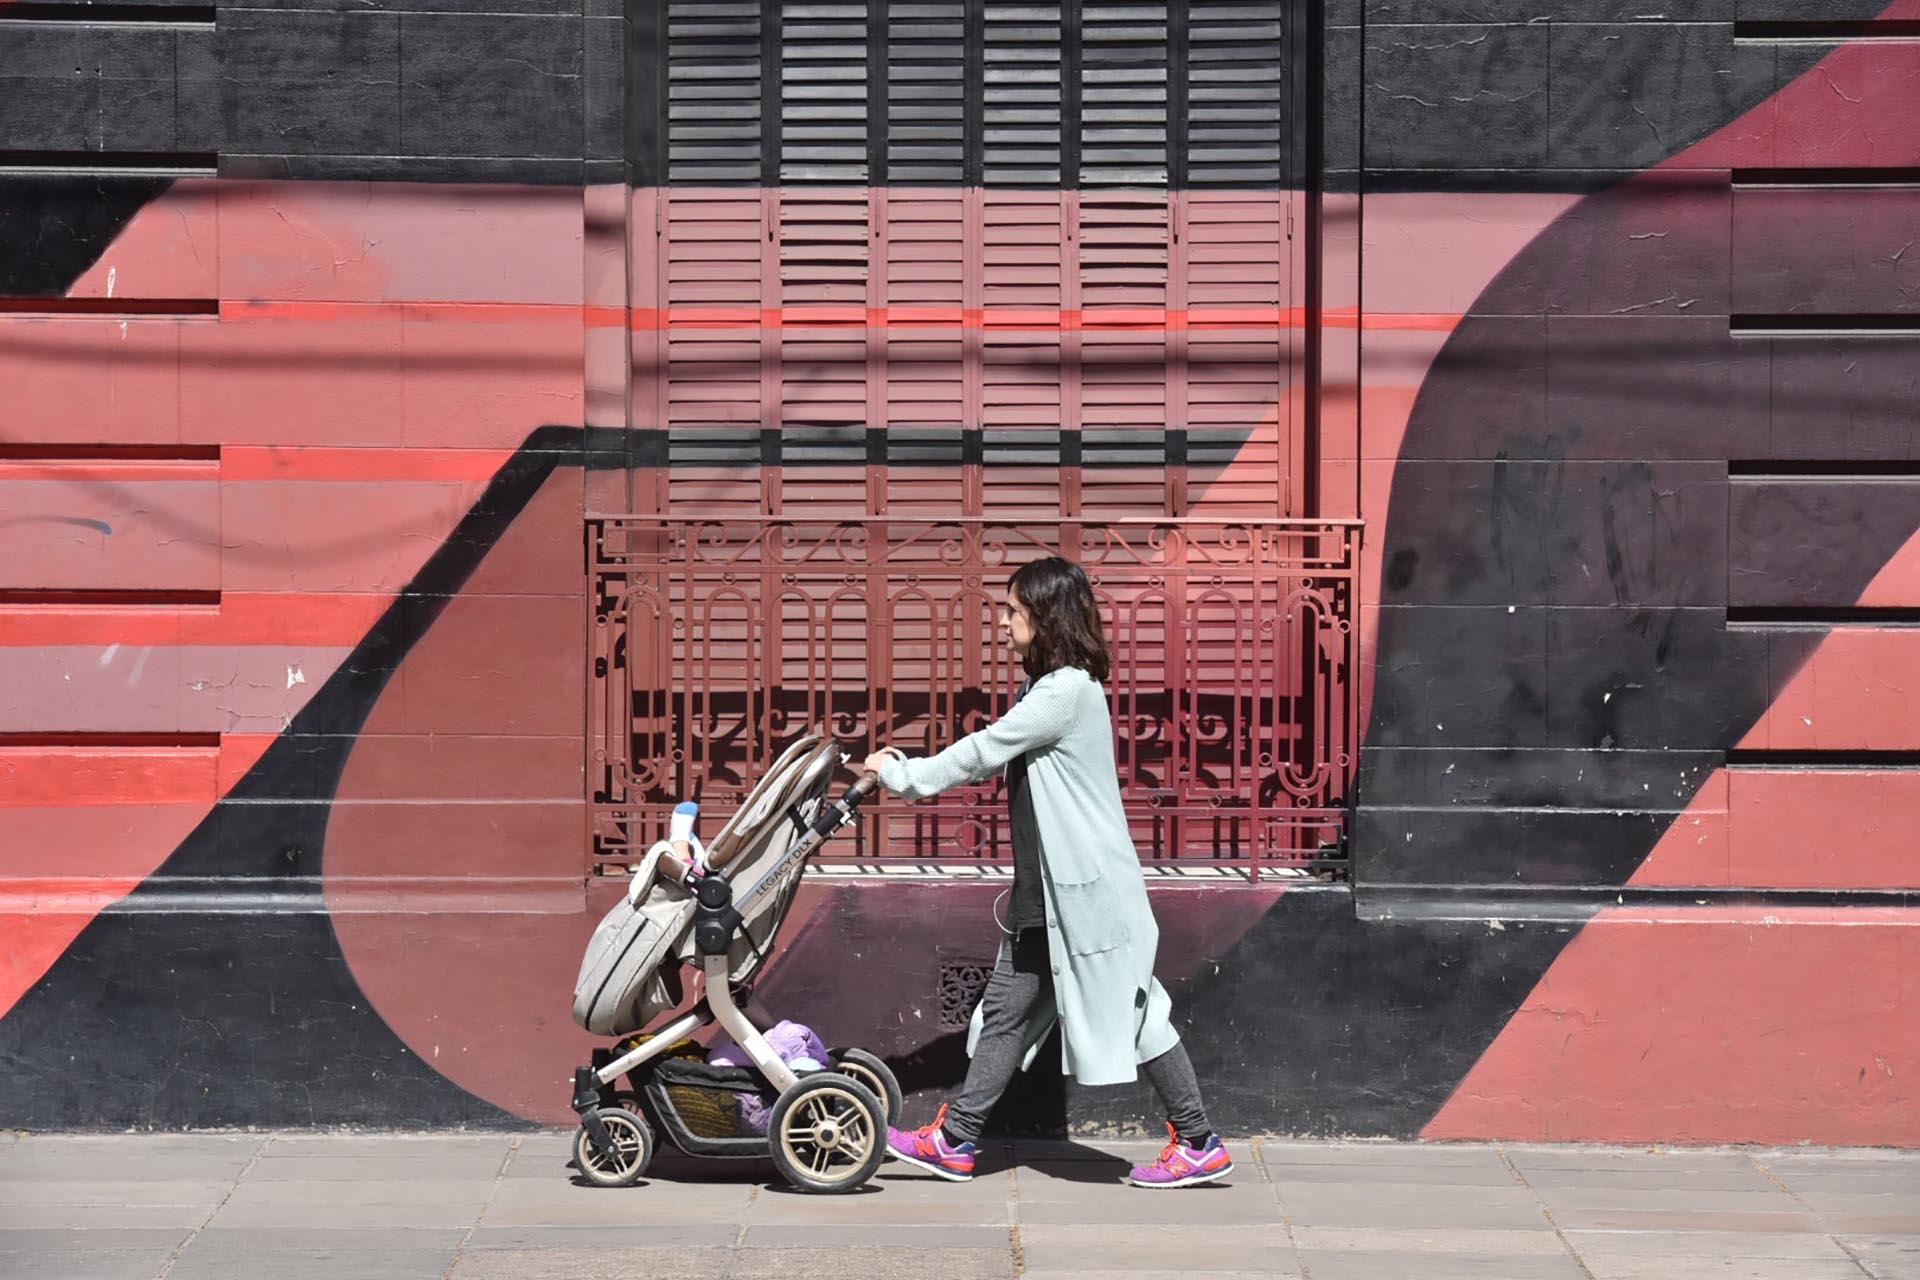 """Palermo Soho posee una impronta que le dio fama mundial. Hoy en día es una referencia de Buenos Aires porque conserva su pasado barrial y sumó una amplia oferta gastronómica, vida nocturna, arte urbano y tiendas de diseño a la altura de las grandes ciudades del mundo"""", dijo Gonzalo Robredo, presidente del Ente de Turismo de la Ciudad"""